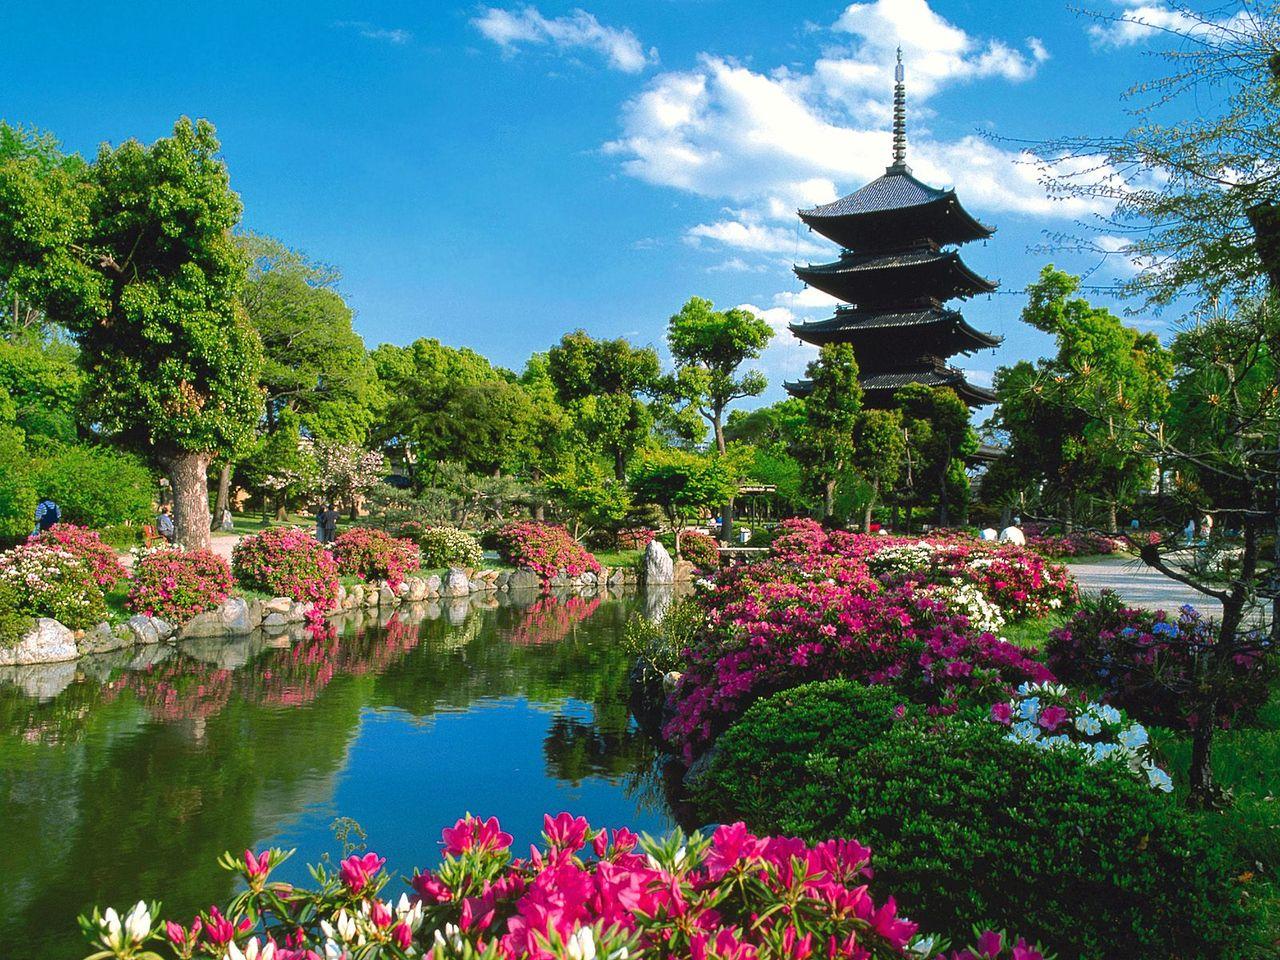 文莱首都是哪个城市_韩国十大城市排名:第一是首尔,第二是釜山,第三是哪个城市 ...